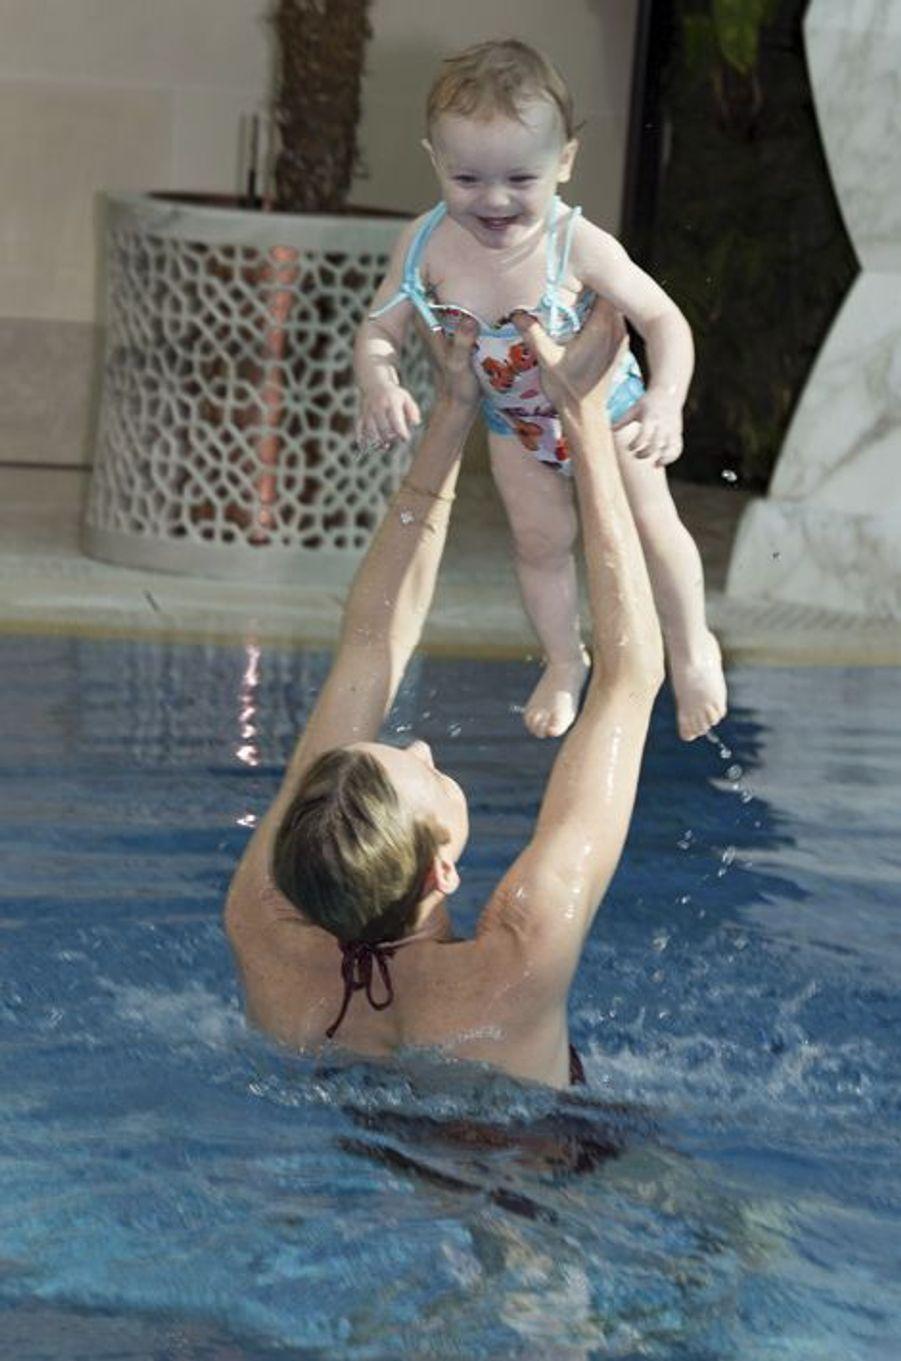 Dans les bras de sa maman, Gabriella se sent comme un poisson dans l'eau. L'ex-championne de natation sud-africaine a initié ses enfants à la méthode de l'autosauvetage, qui enseigne aux bébés à s'équilibrer et à se retourner pour éviter la noyade : « Jacques et Gabriella ont appris à nager avant de savoir marcher. » Une cause que Charlène défend avec ferveur au travers de sa fondation. Celle-ci cherche à rendre les enfants des milieux défavorisés responsables grâce aux valeurs du sport et de la solidarité. Et à sensibiliser l'opinion publique aux dangers de la baignade. Mais, pour l'heure, priorité à la détente, en attendant la fête : le 14 mars, le prince Albert célébrait ses 58 ans.